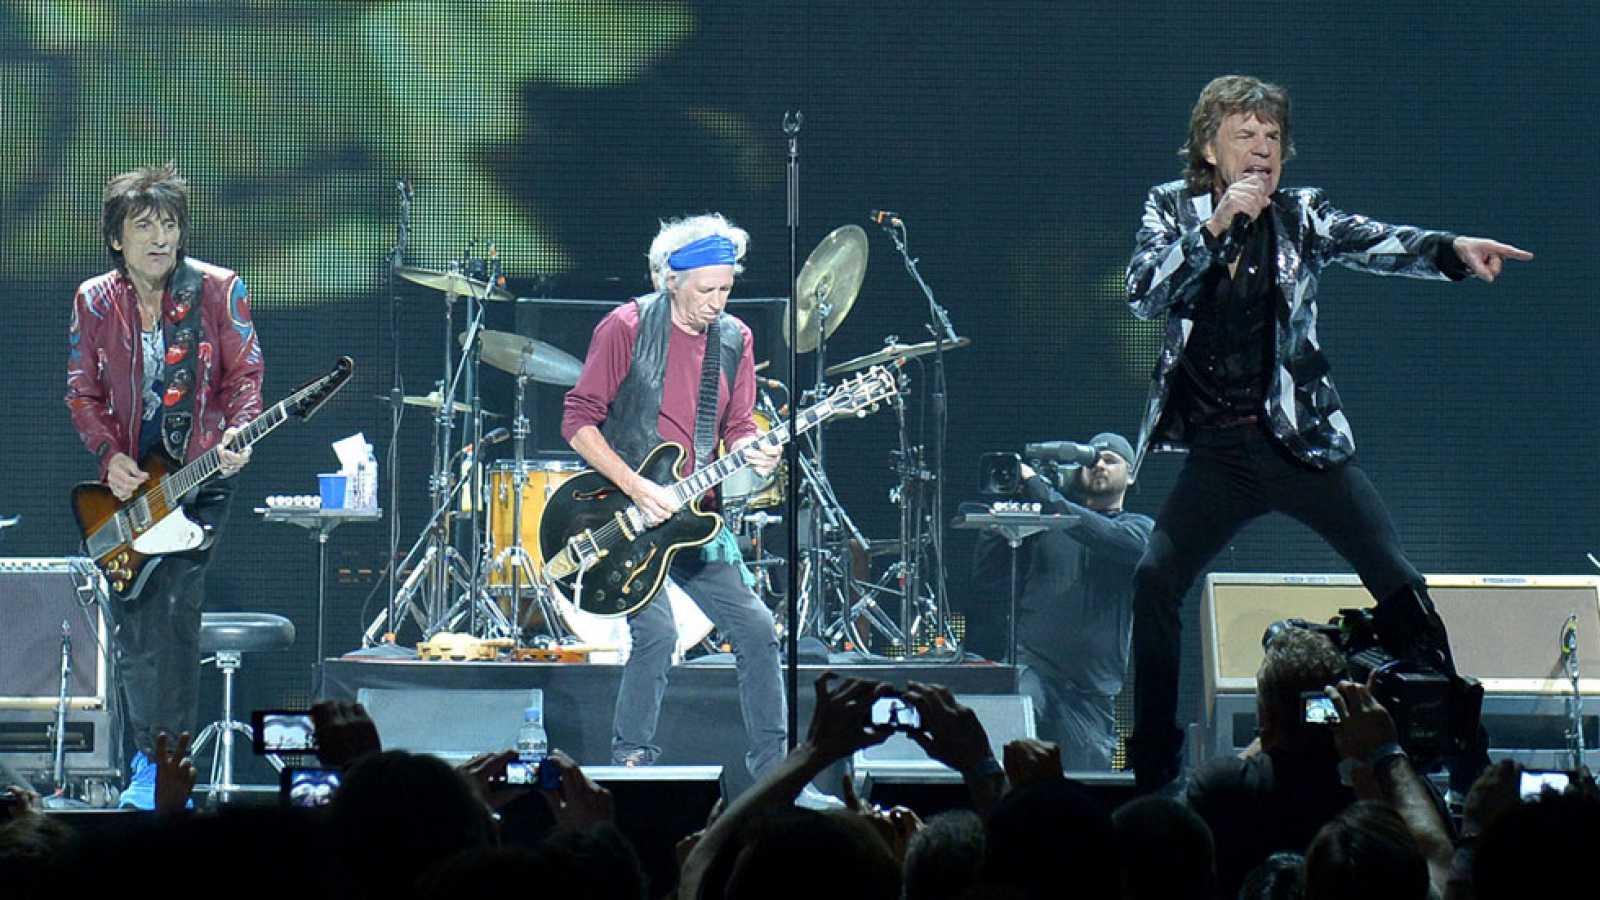 ¡Son extraterrestres! Un libro revela por qué los Rolling Stones son de otro planeta - Radio Cantilo